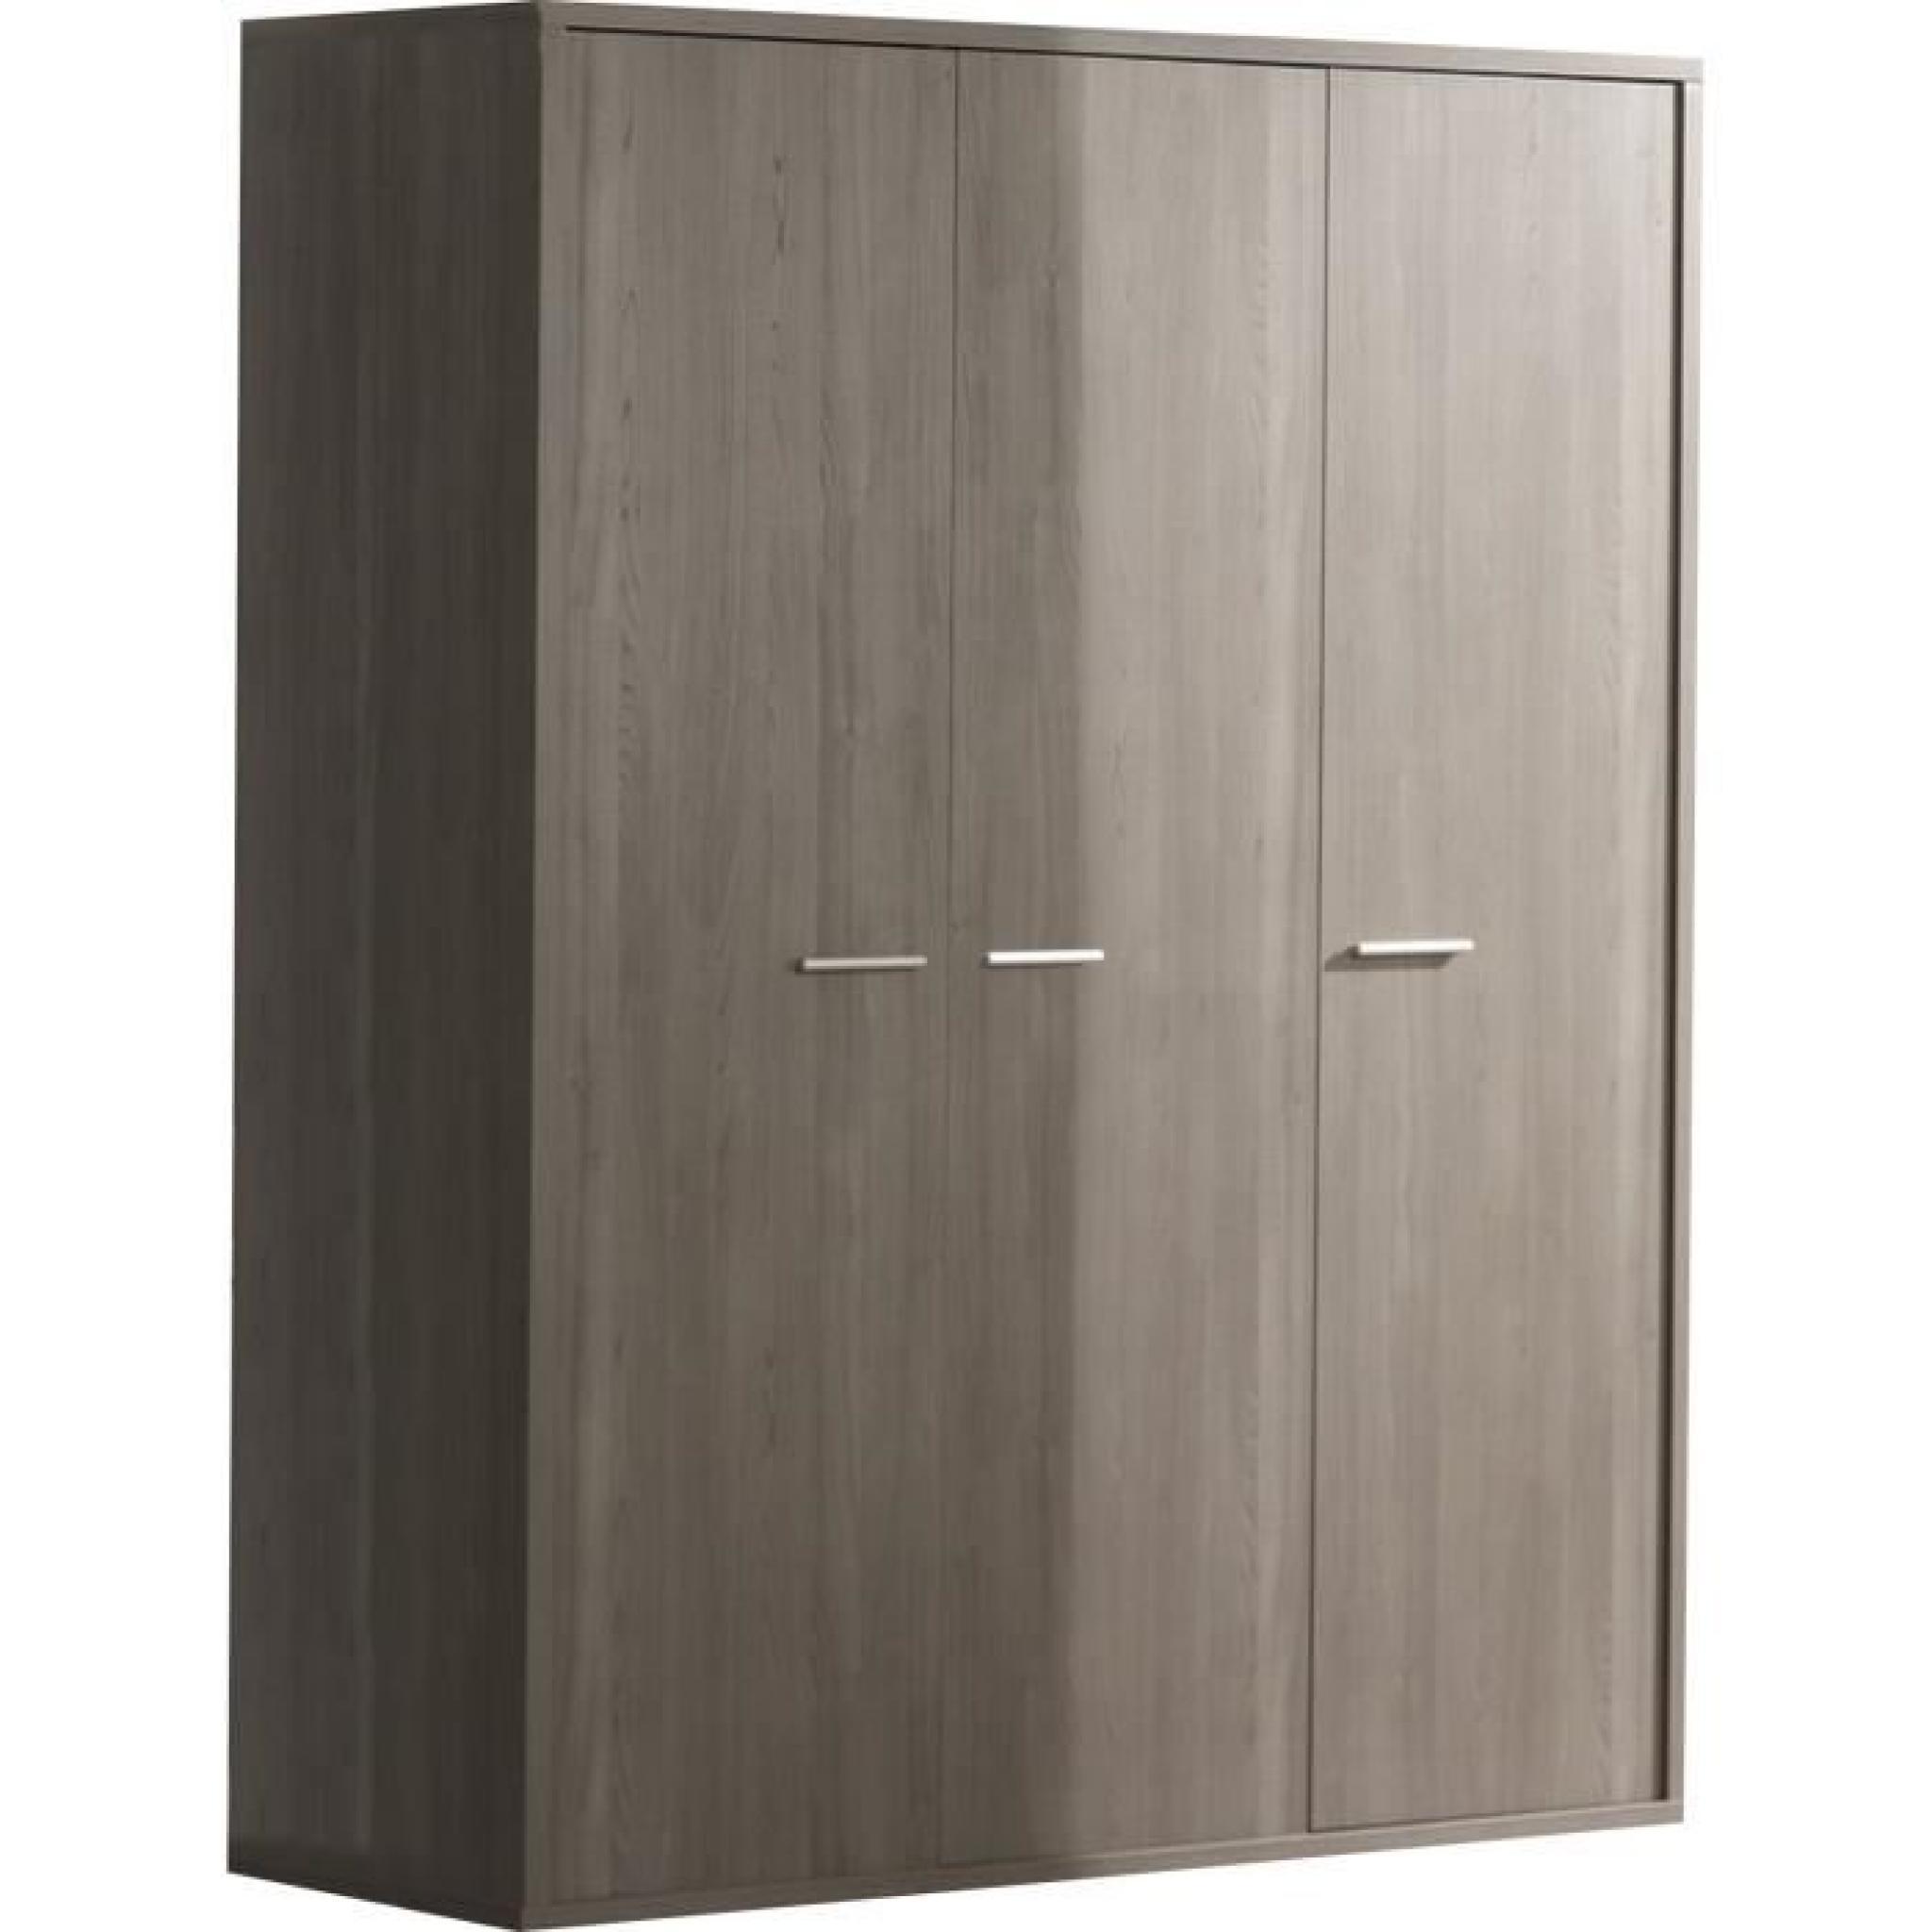 garde robe b b 3 portes design coloris bouleau gris achat vente armoire de chambre pas cher. Black Bedroom Furniture Sets. Home Design Ideas